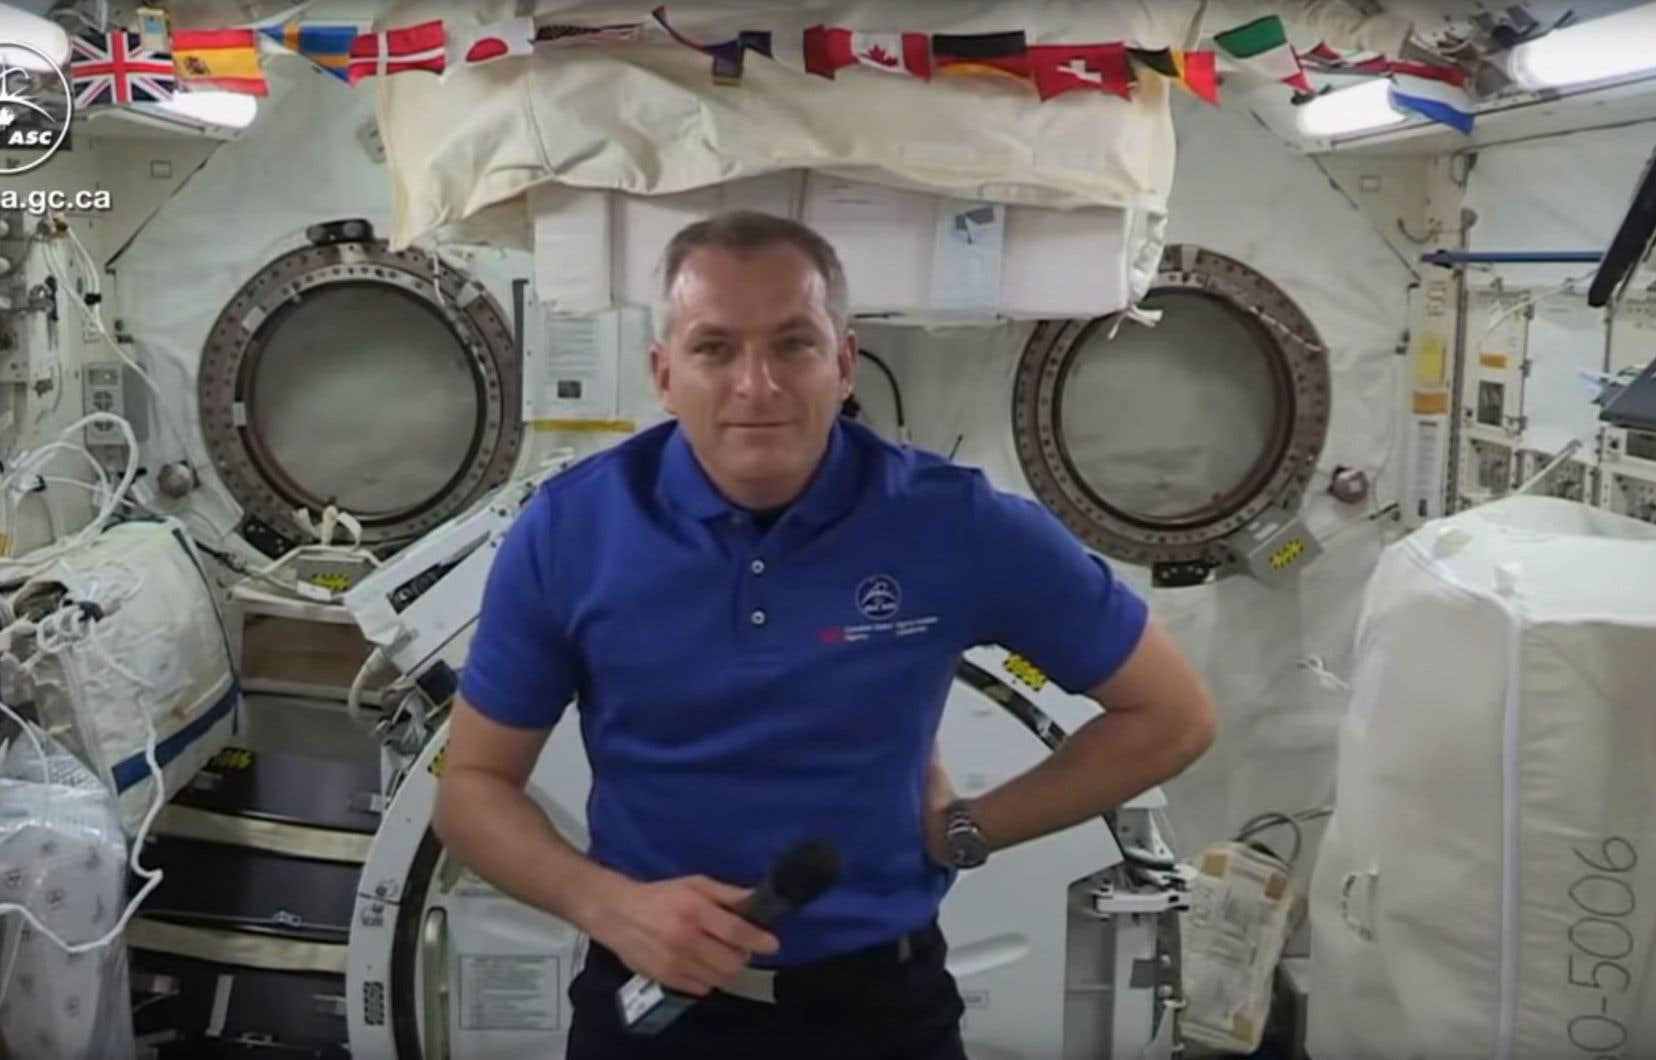 L'astronaute originaire de Saint-Lambert a répondu lundi aux questions des journalistes réunis à l'Agence spatiale canadienne, à Longueuil.